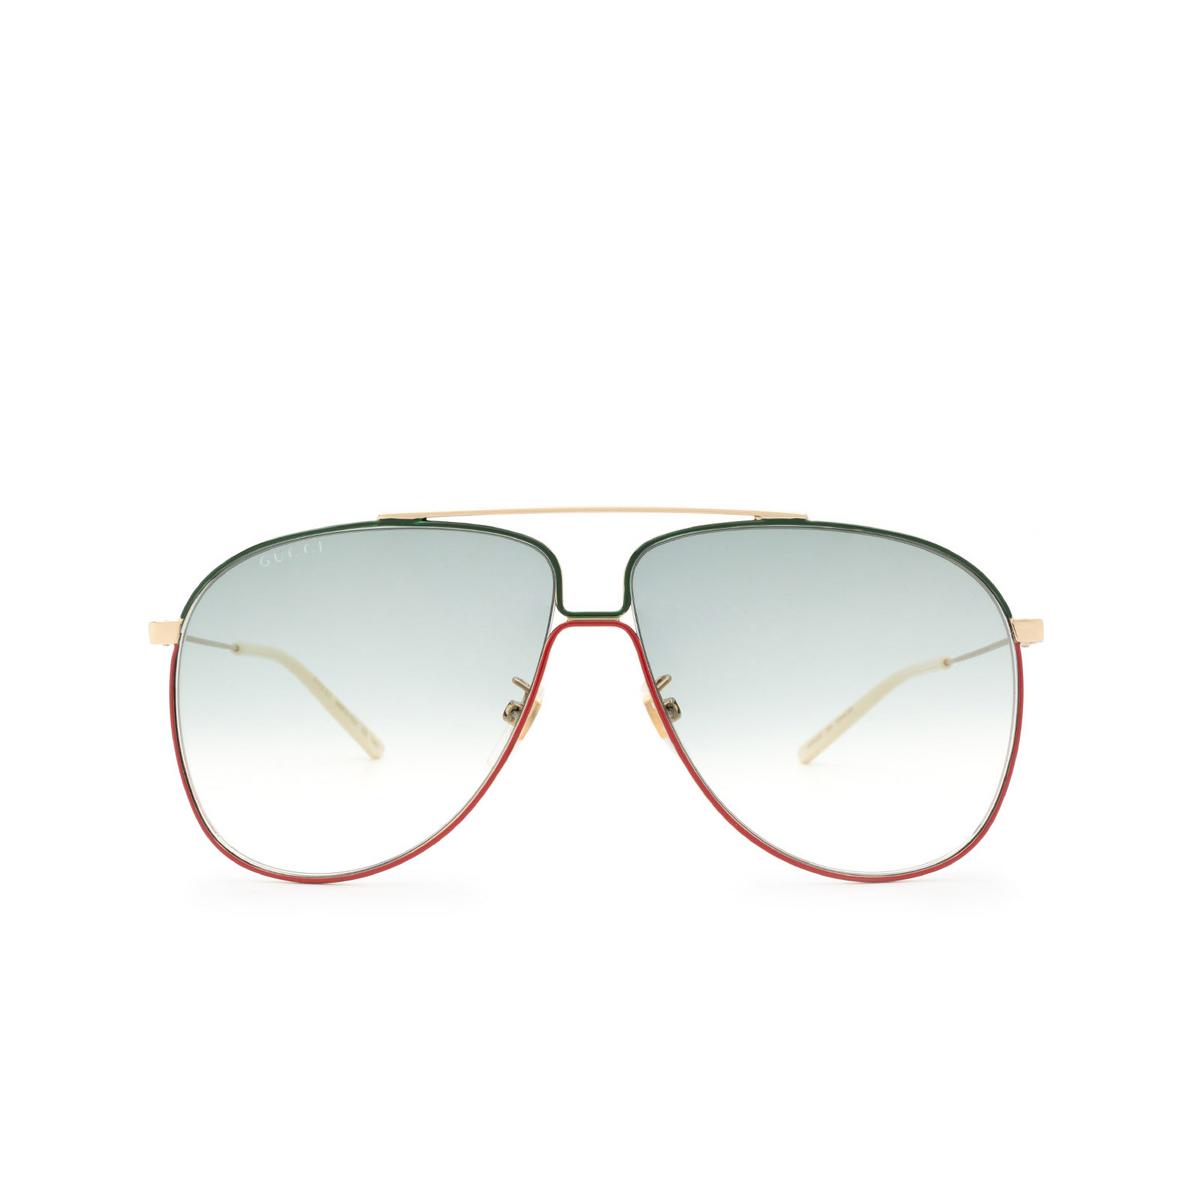 Gucci® Aviator Sunglasses: GG0440S color Gold 004 - 1/3.